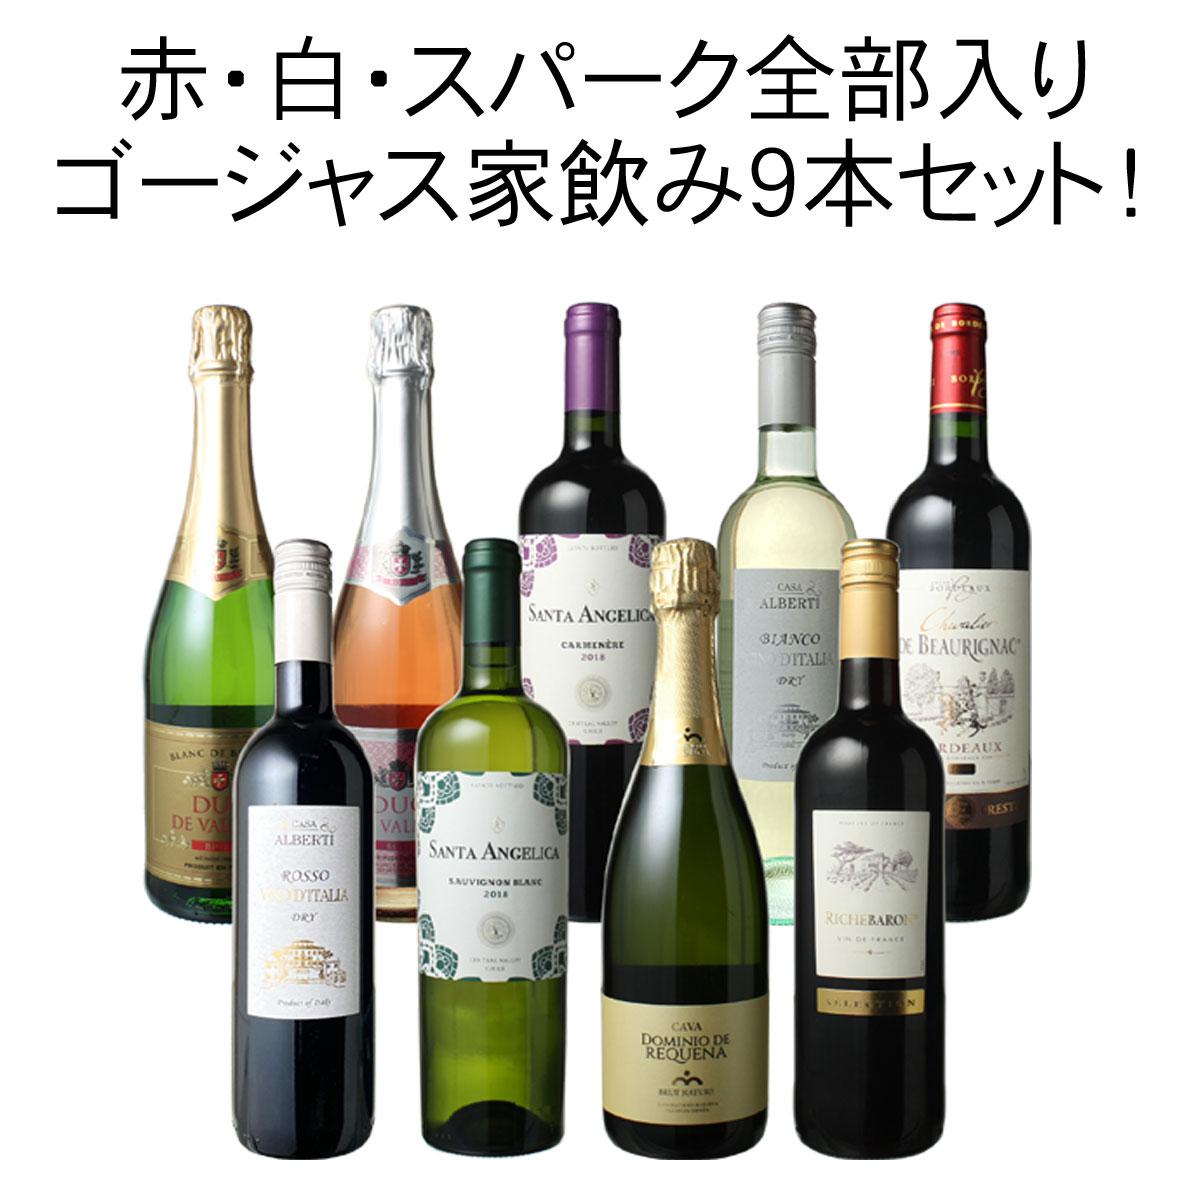 ワインセット ボルドーもカヴァも入ったゴージャス家飲み9本セット 赤ワイン 白ワイン スパークリング 全部入り パーティー ハロウィン  お家で毎日ワイン三昧